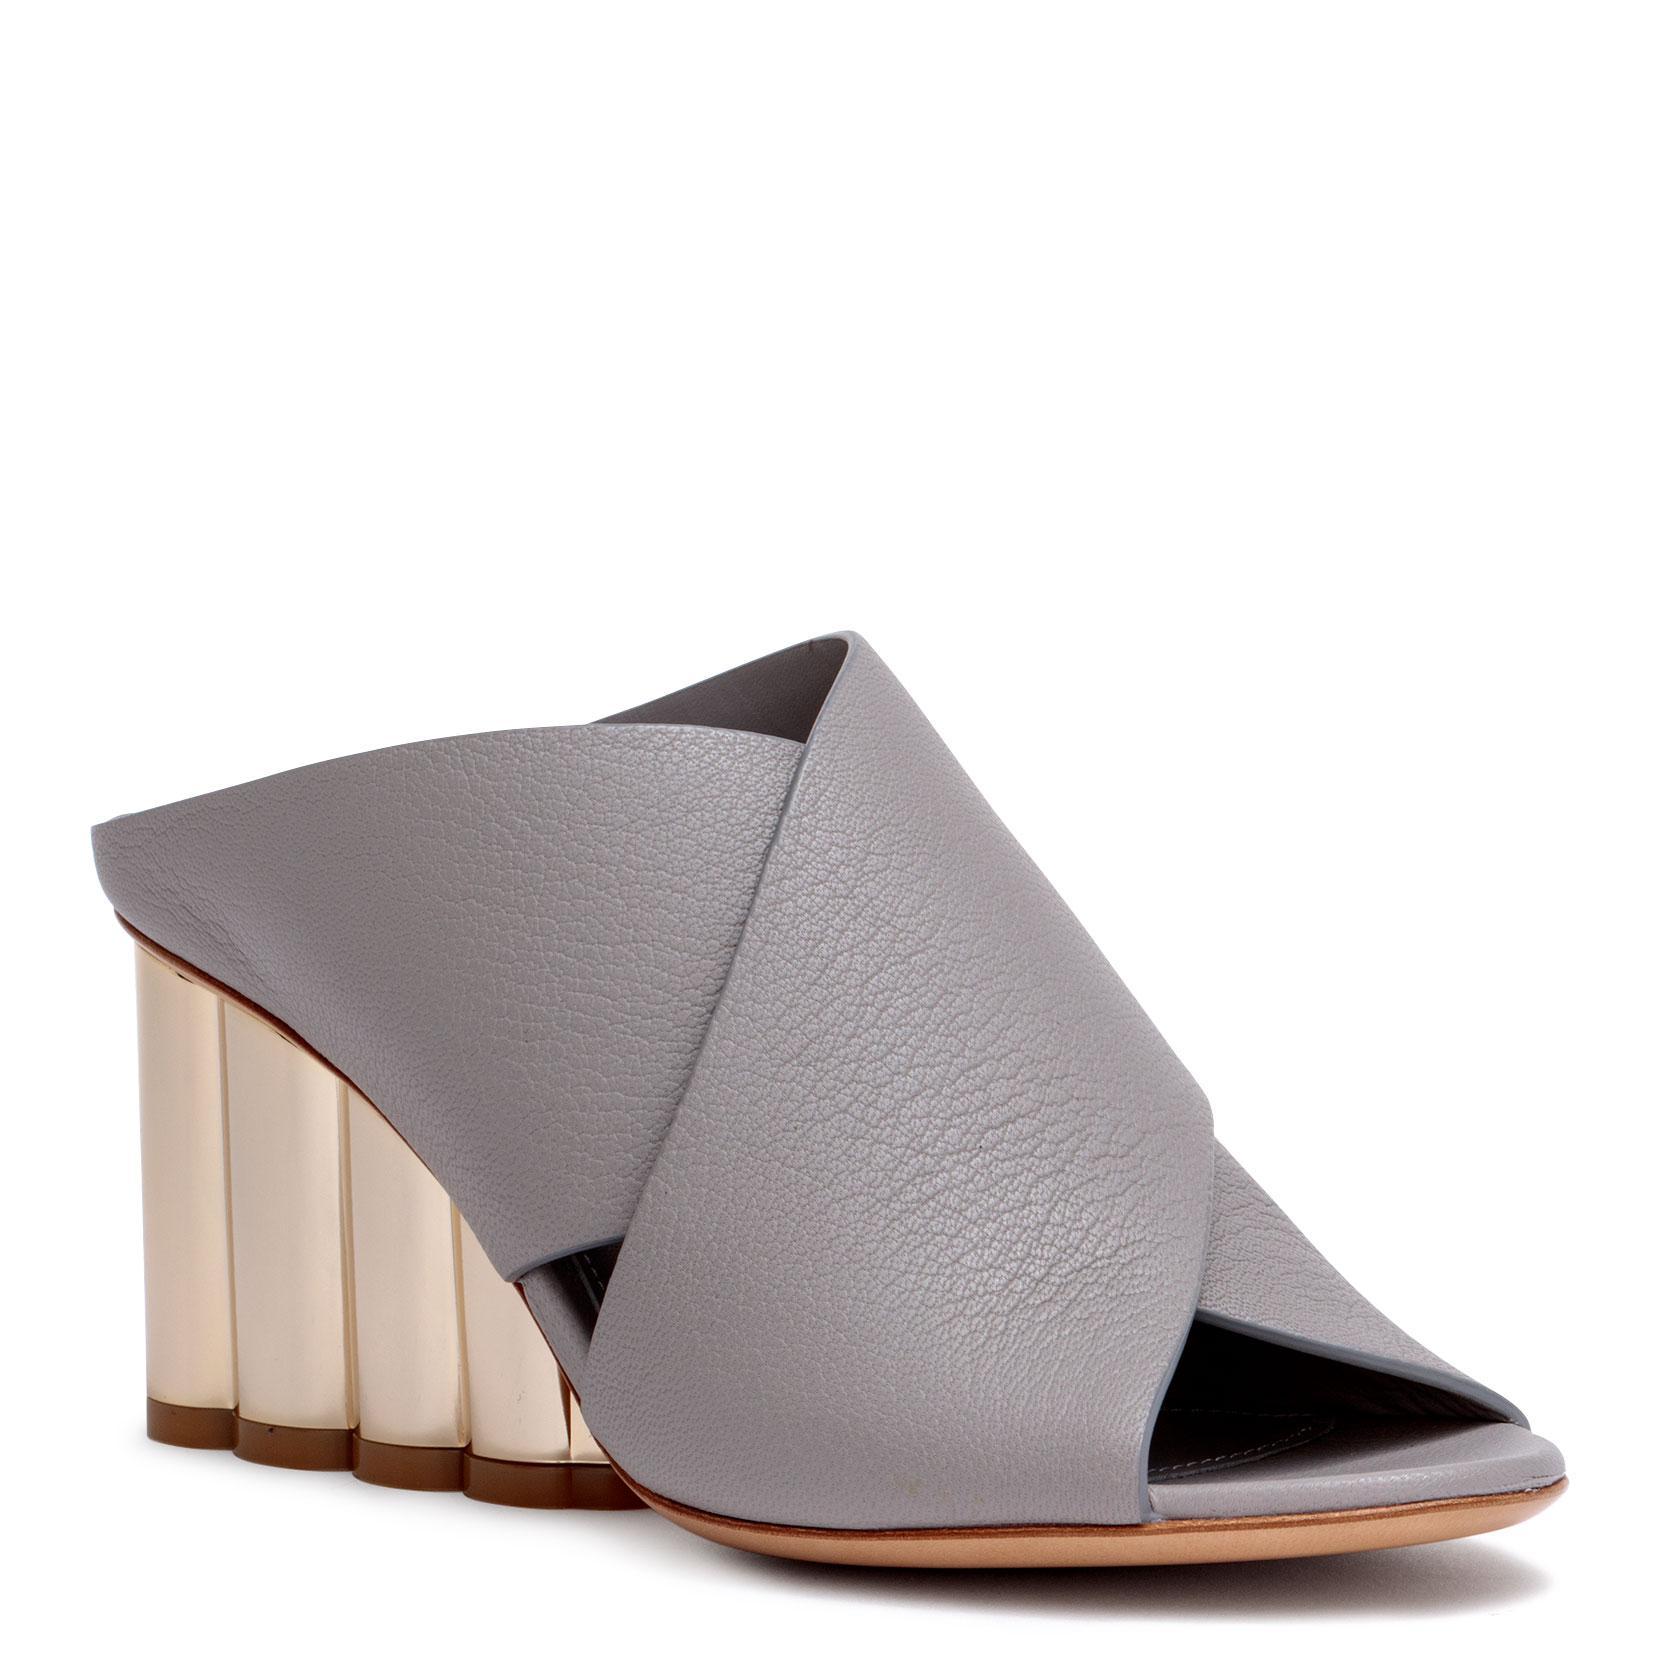 Lasa 70 grey leather sandals Salvatore Ferragamo 15TUm3n6H